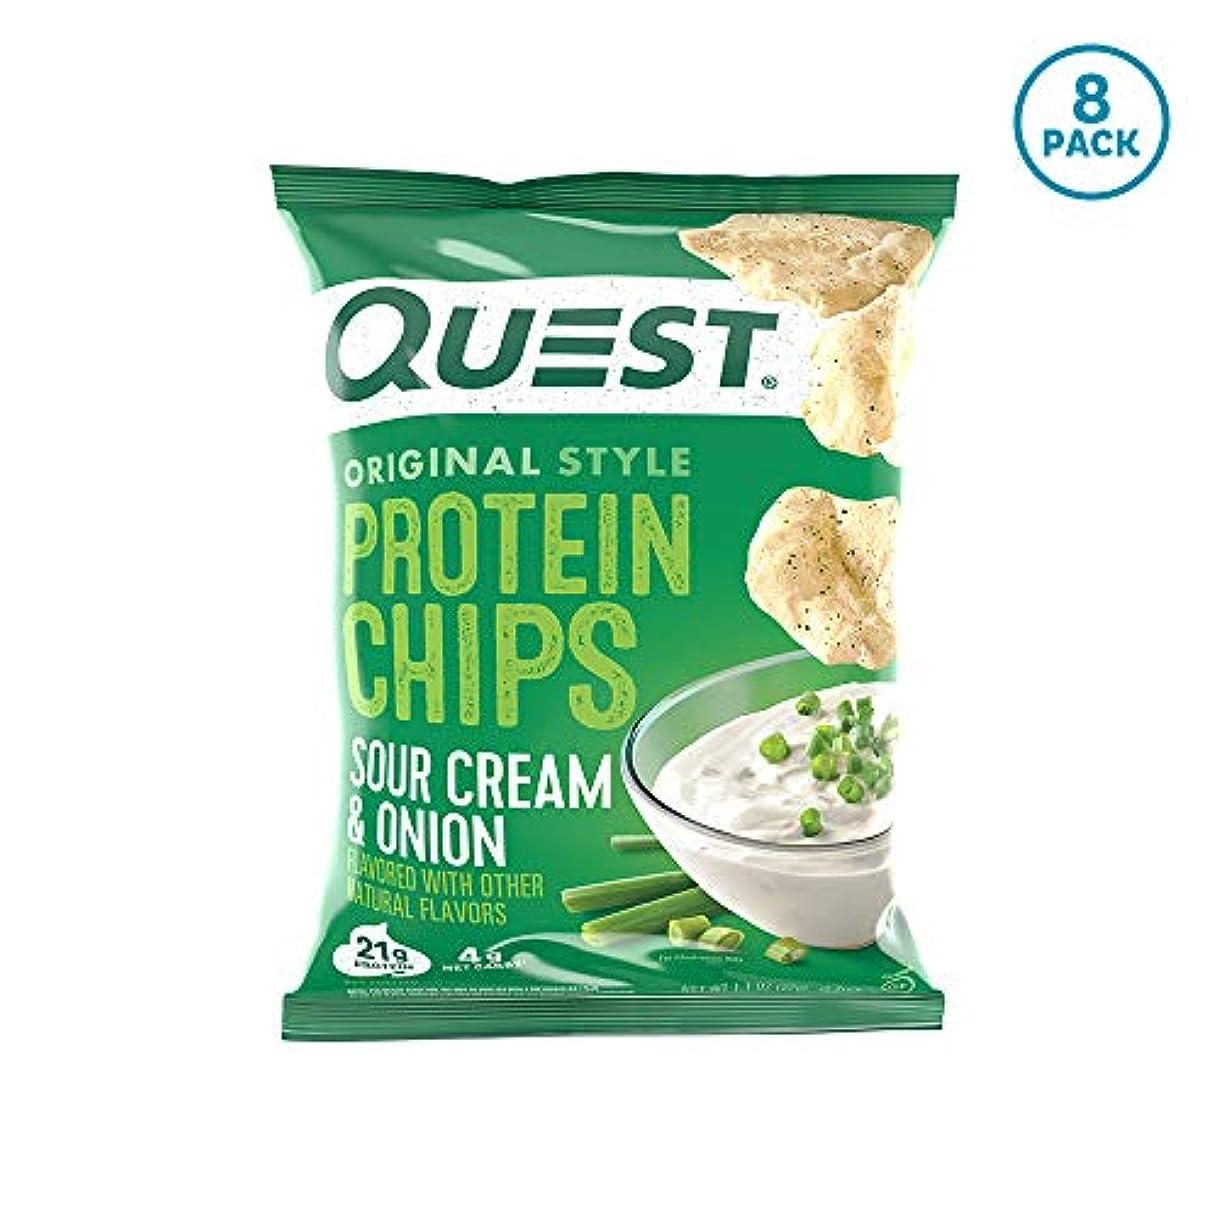 シルク弱まる人工的なプロテイン チップス サワークリーム&オニオン フレイバー クエスト 8袋セット 並行輸入品 Quest Nutrition Protein Chips Sour Cream & Onion Pack of 8 海外直送品